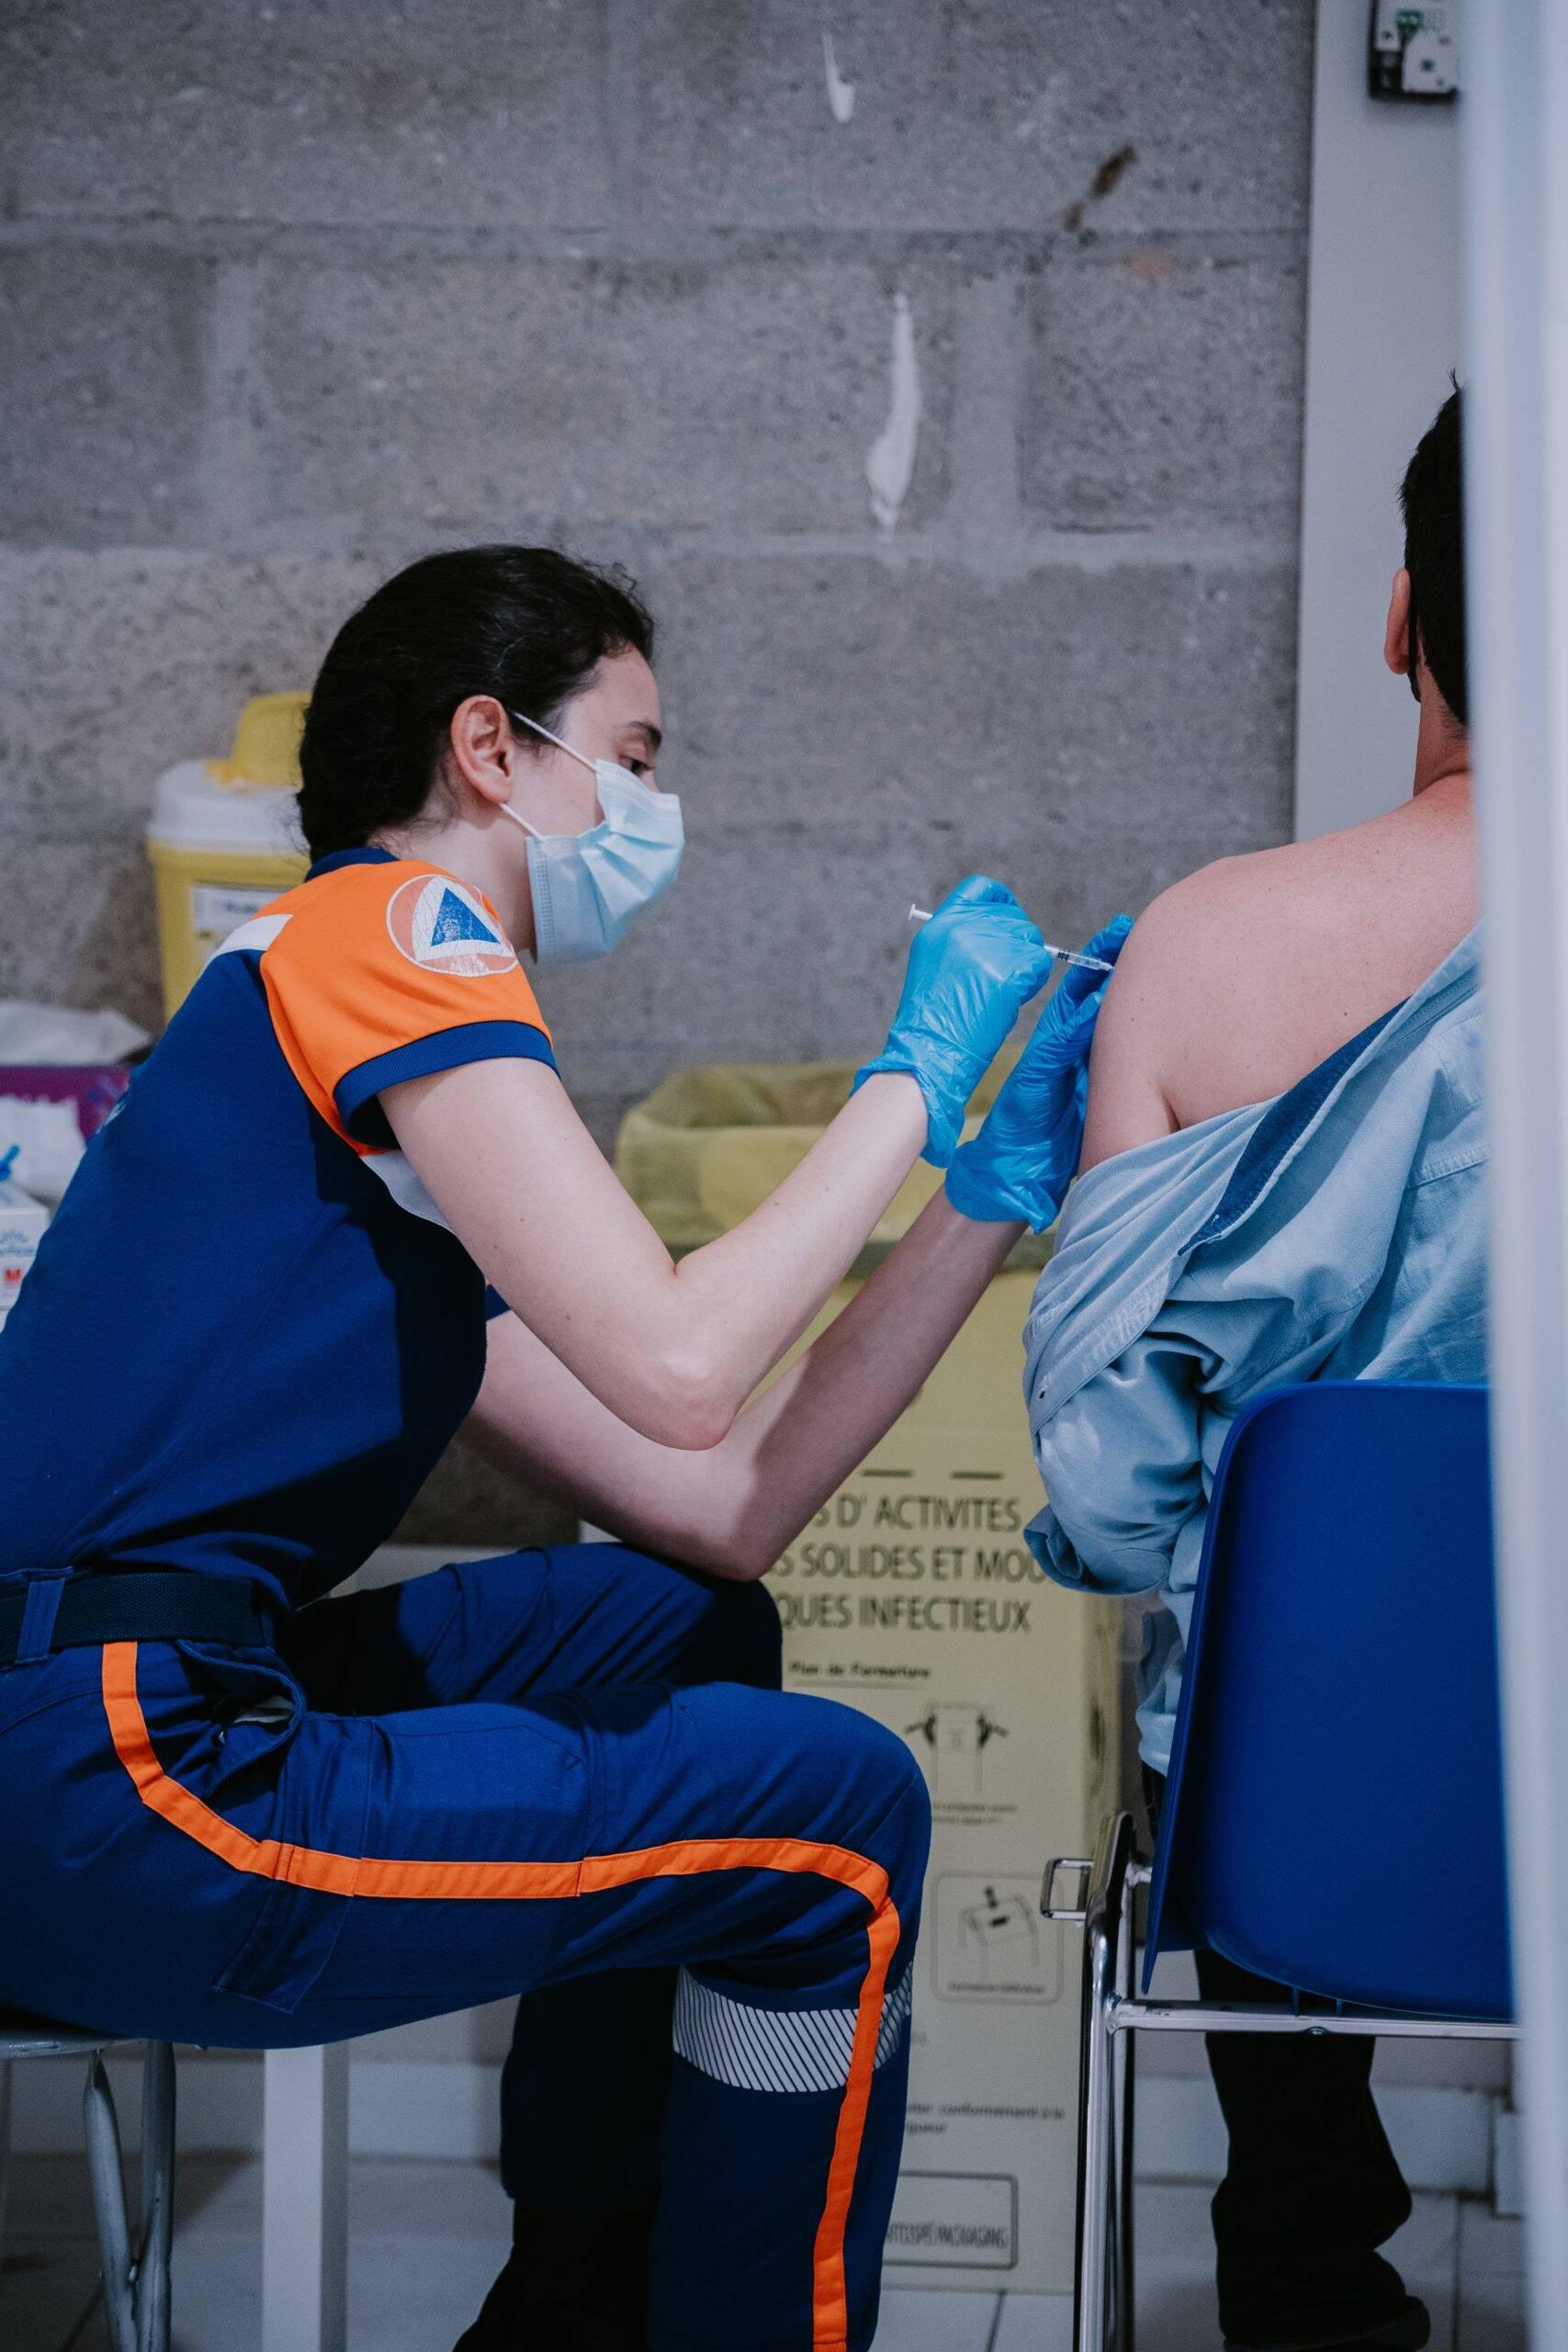 O país asiático enfrenta dificuldades em obter as doses no tempo correto. Com isso, tem cerca de 13,09 milhões de coreanos parcialmente imunizados. (Foto: Unsplash)